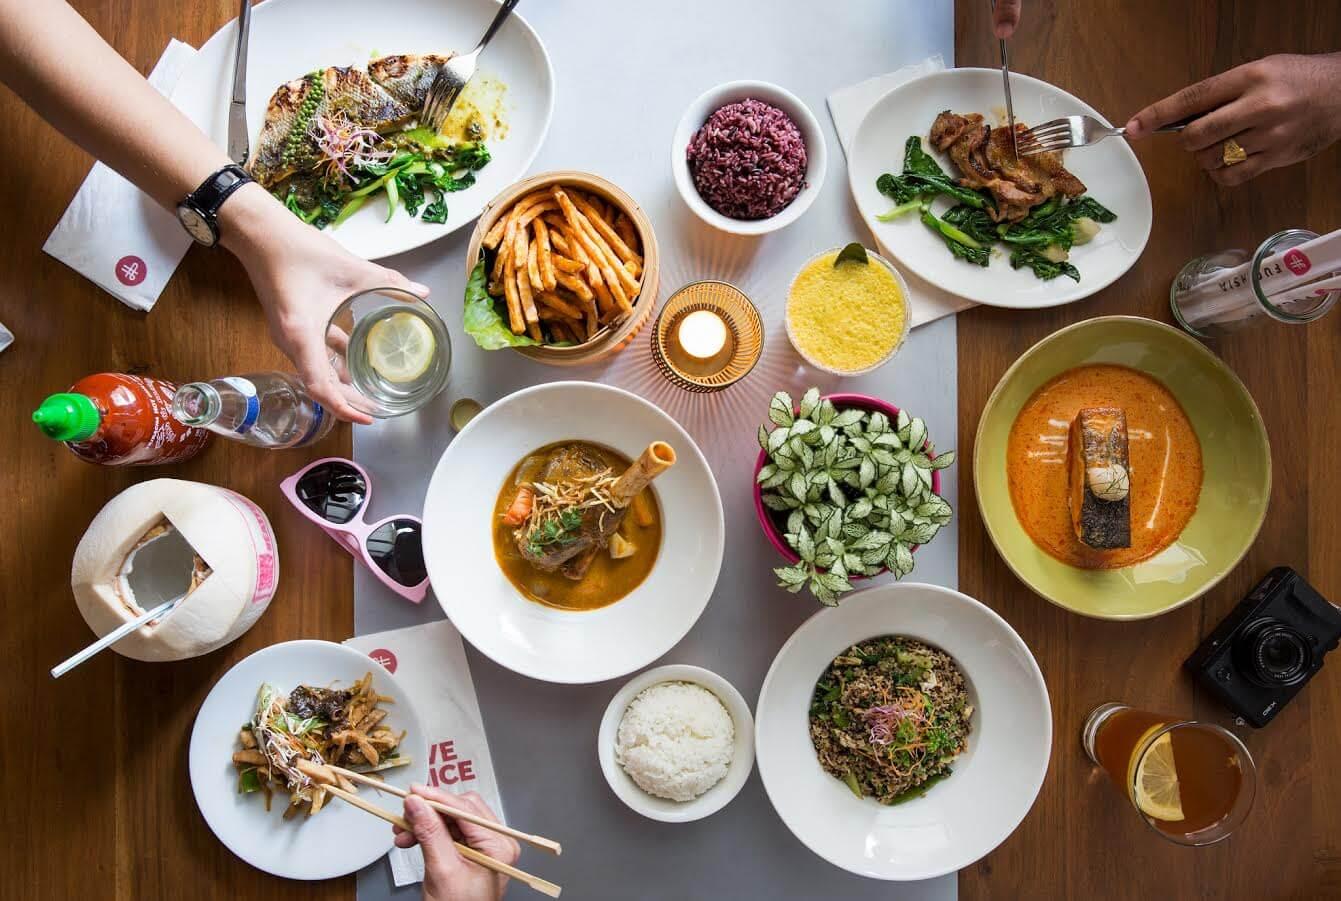 مطعم فوشيا يحتفل بعيد الأم بطريقته الخاصة